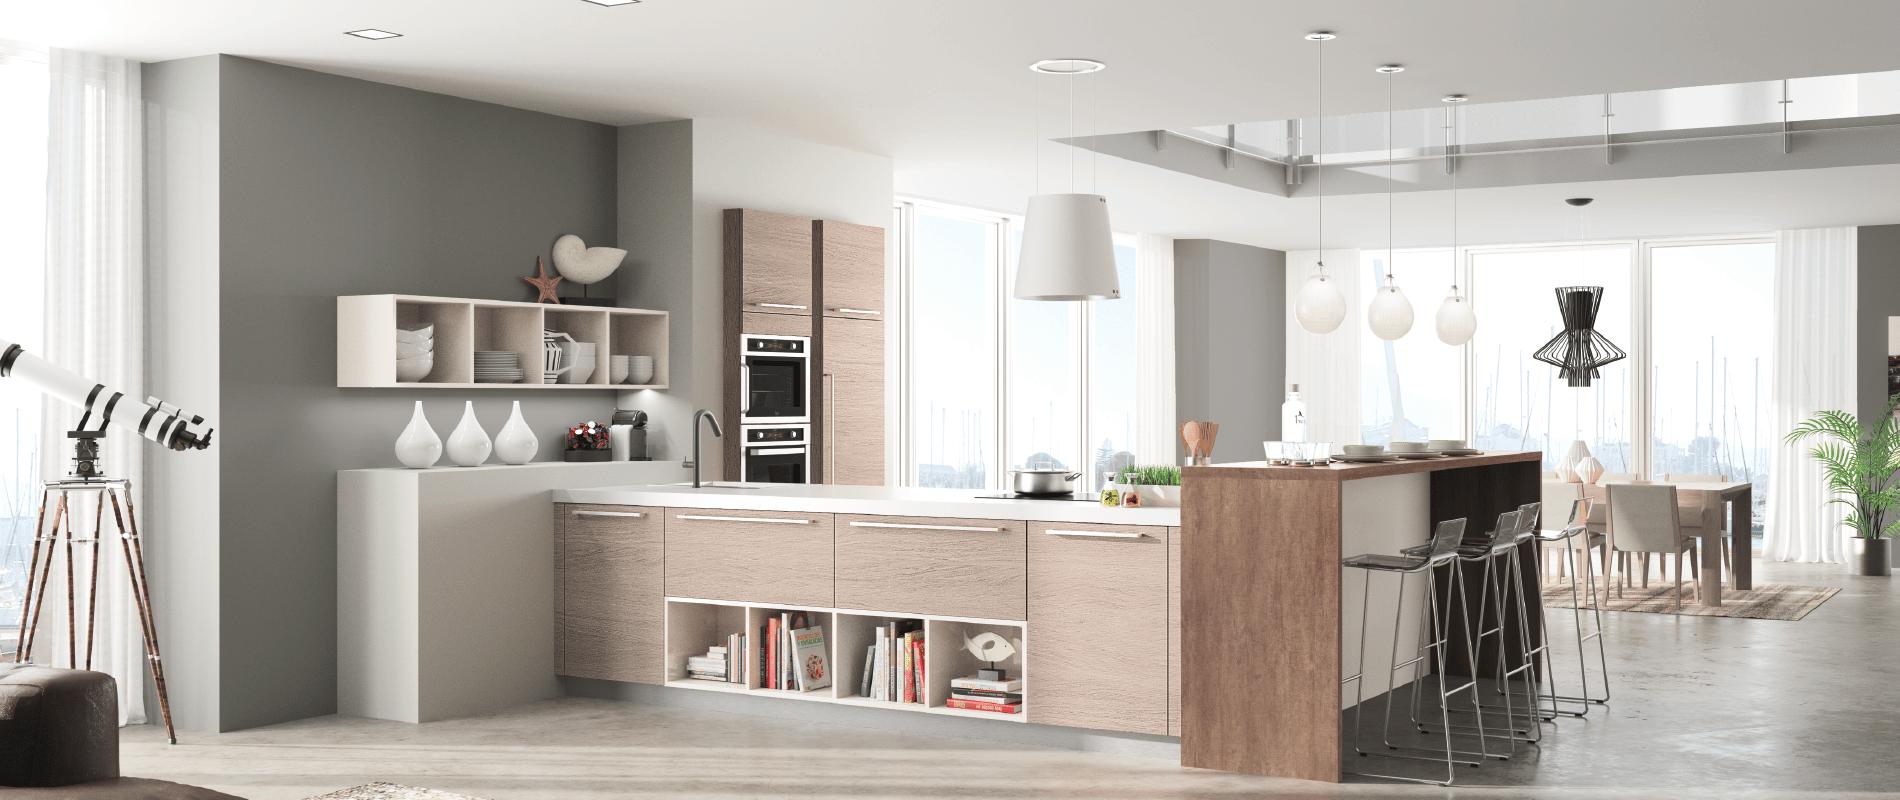 Deco Chambre Soy Luna : pour créer la cuisine de ses rêves, il suffit aujourdhui de se